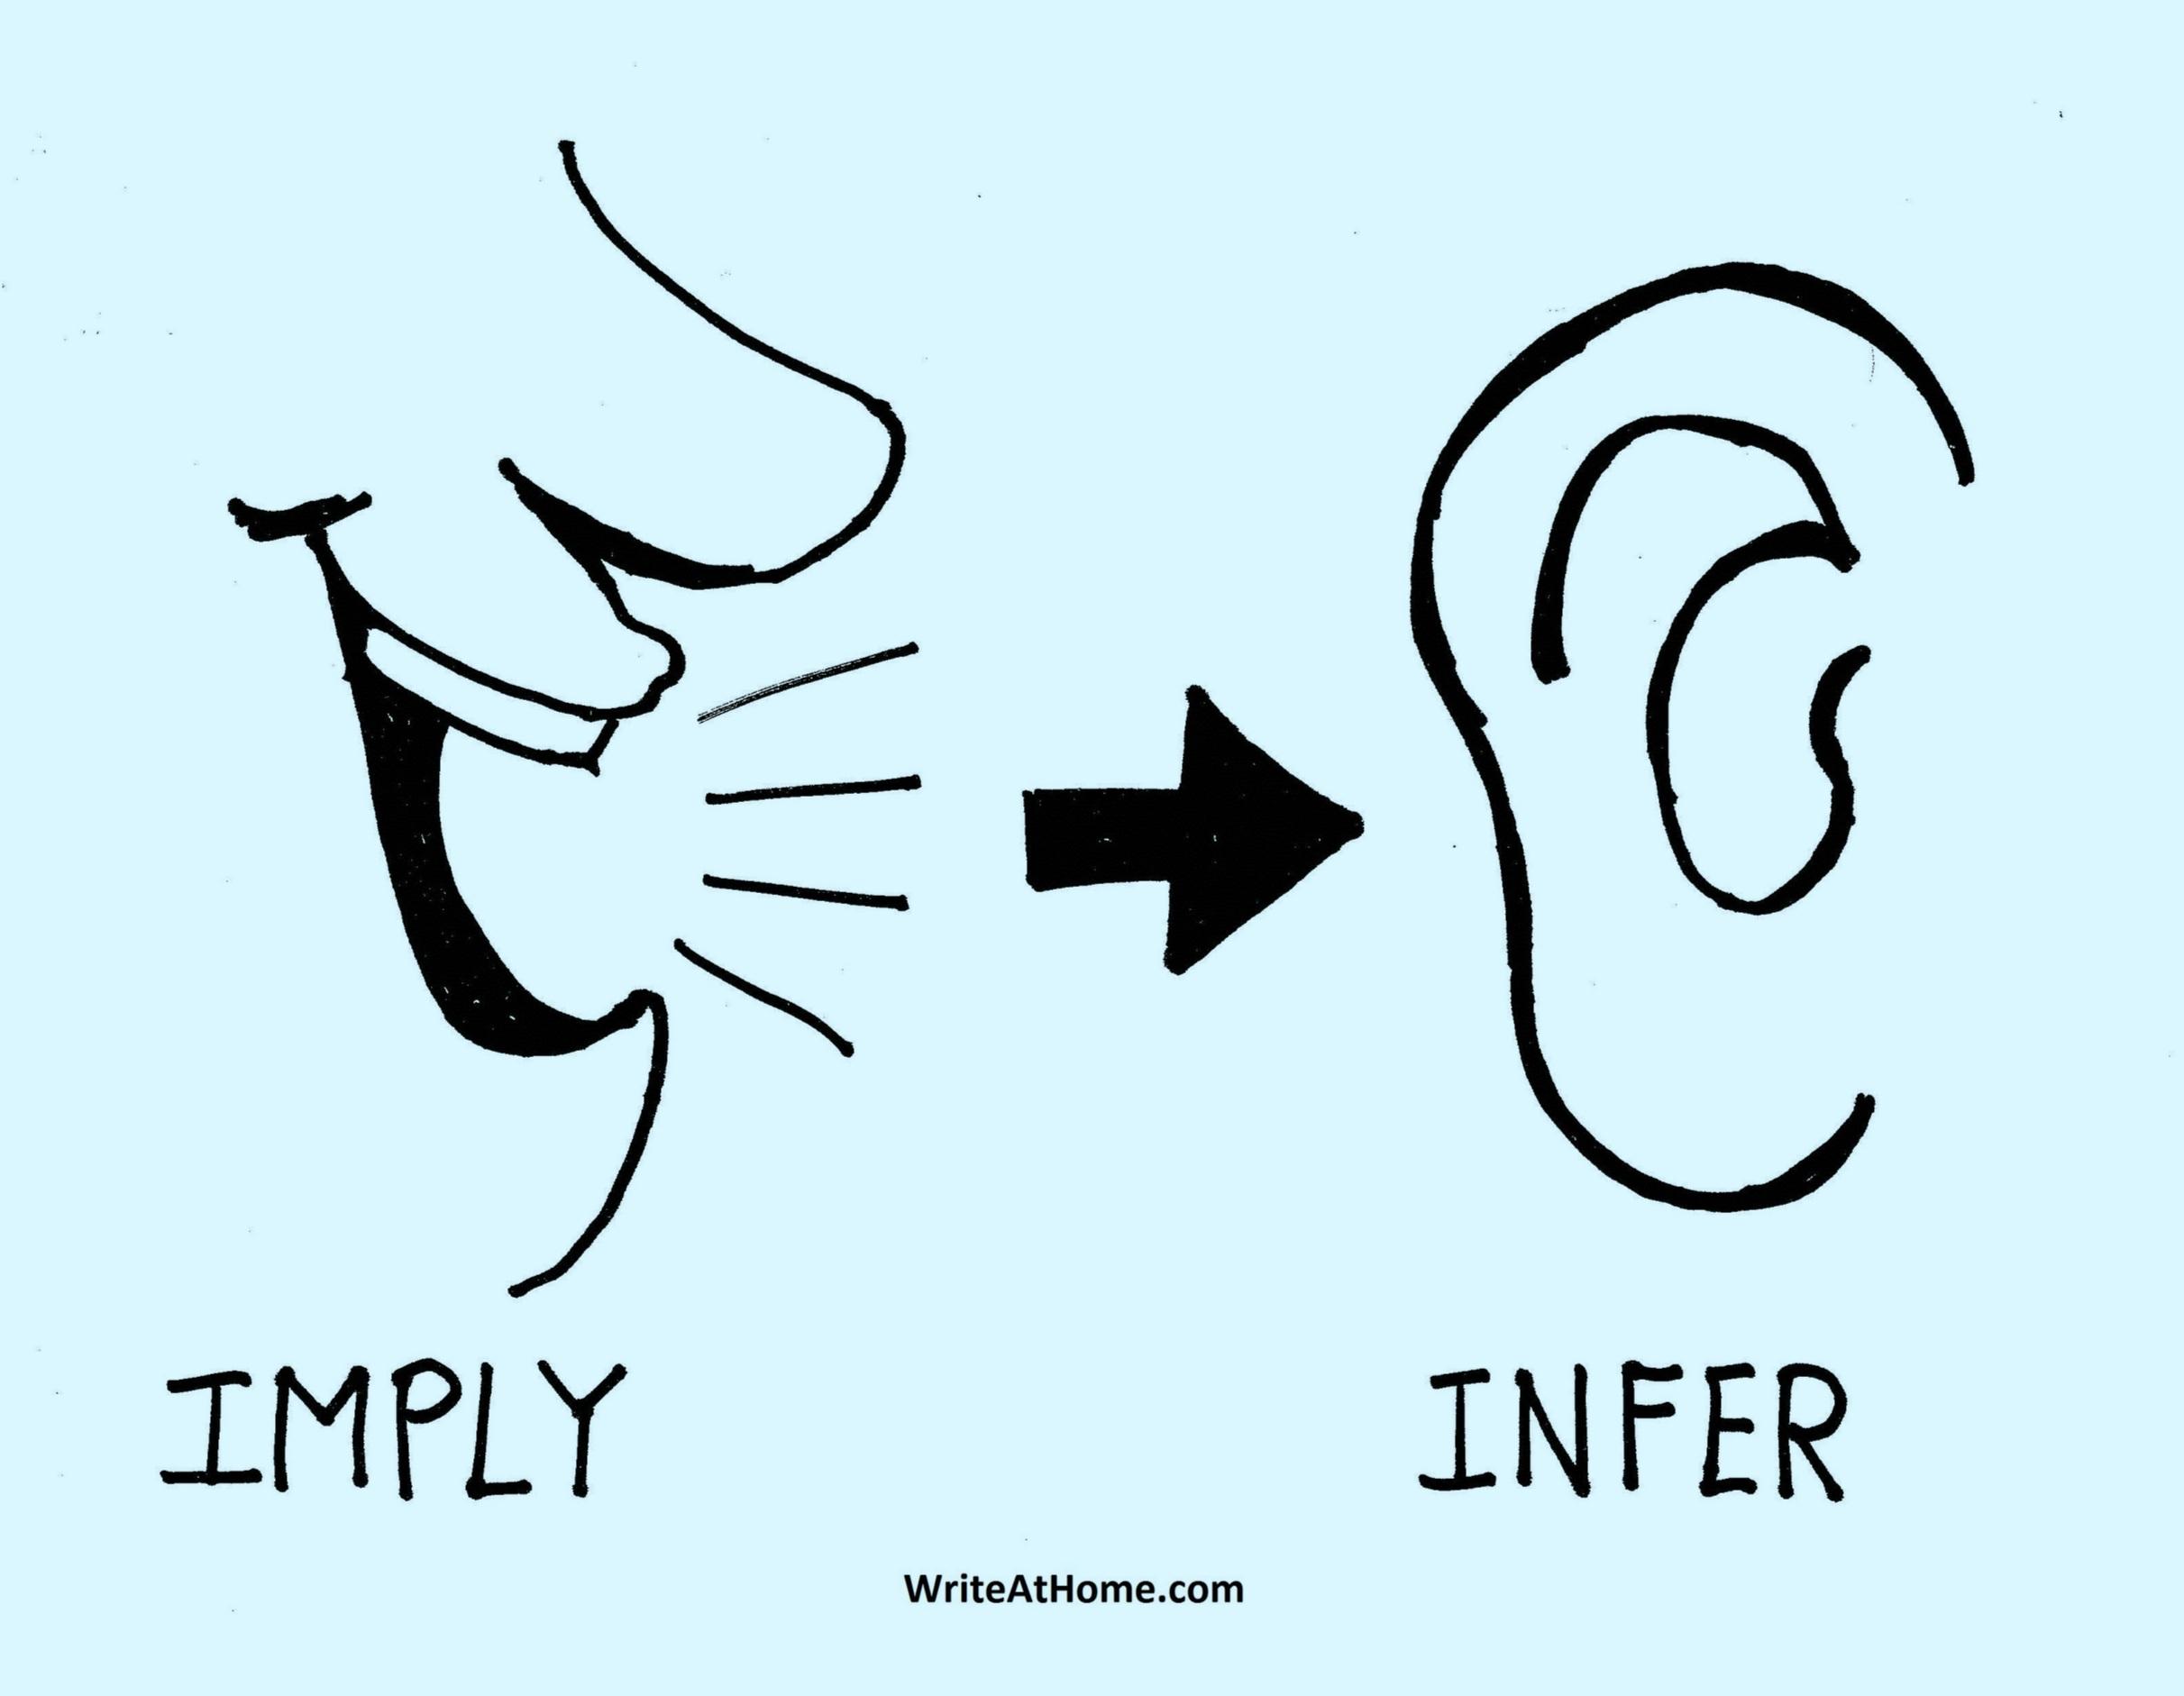 Imply_Infer.jpg